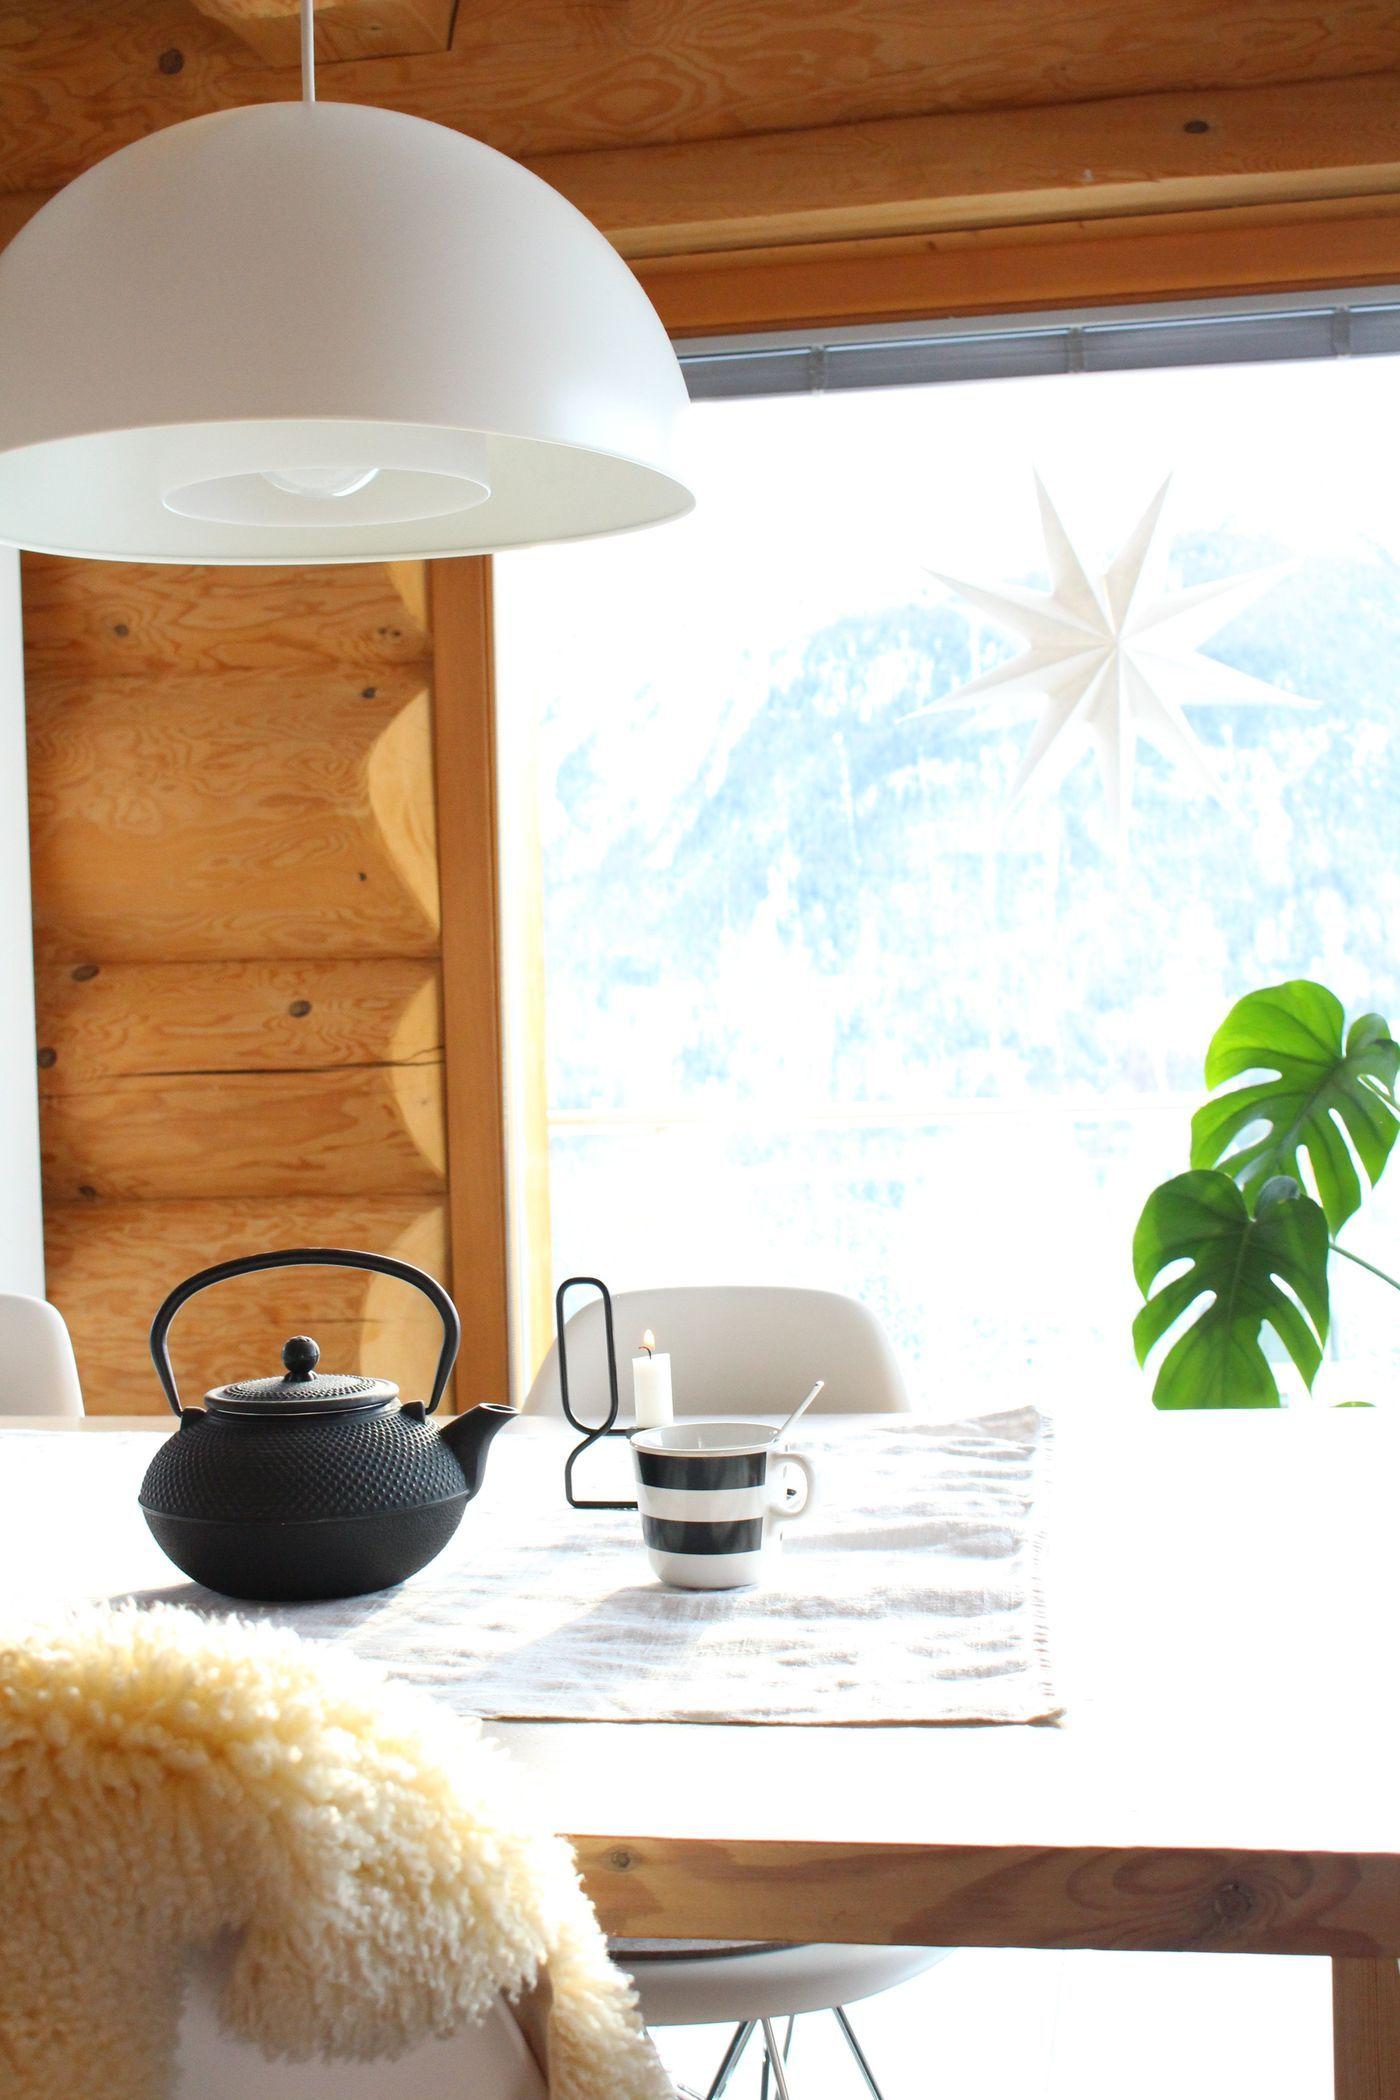 Full Size of Lampen Wohnzimmer Decke Ikea Led Deckenleuchte Schlafzimmer Vinylboden Rollo Deckenlampen Für Küche Kosten Indirekte Beleuchtung Bilder Modern Liege Wohnzimmer Lampen Wohnzimmer Decke Ikea